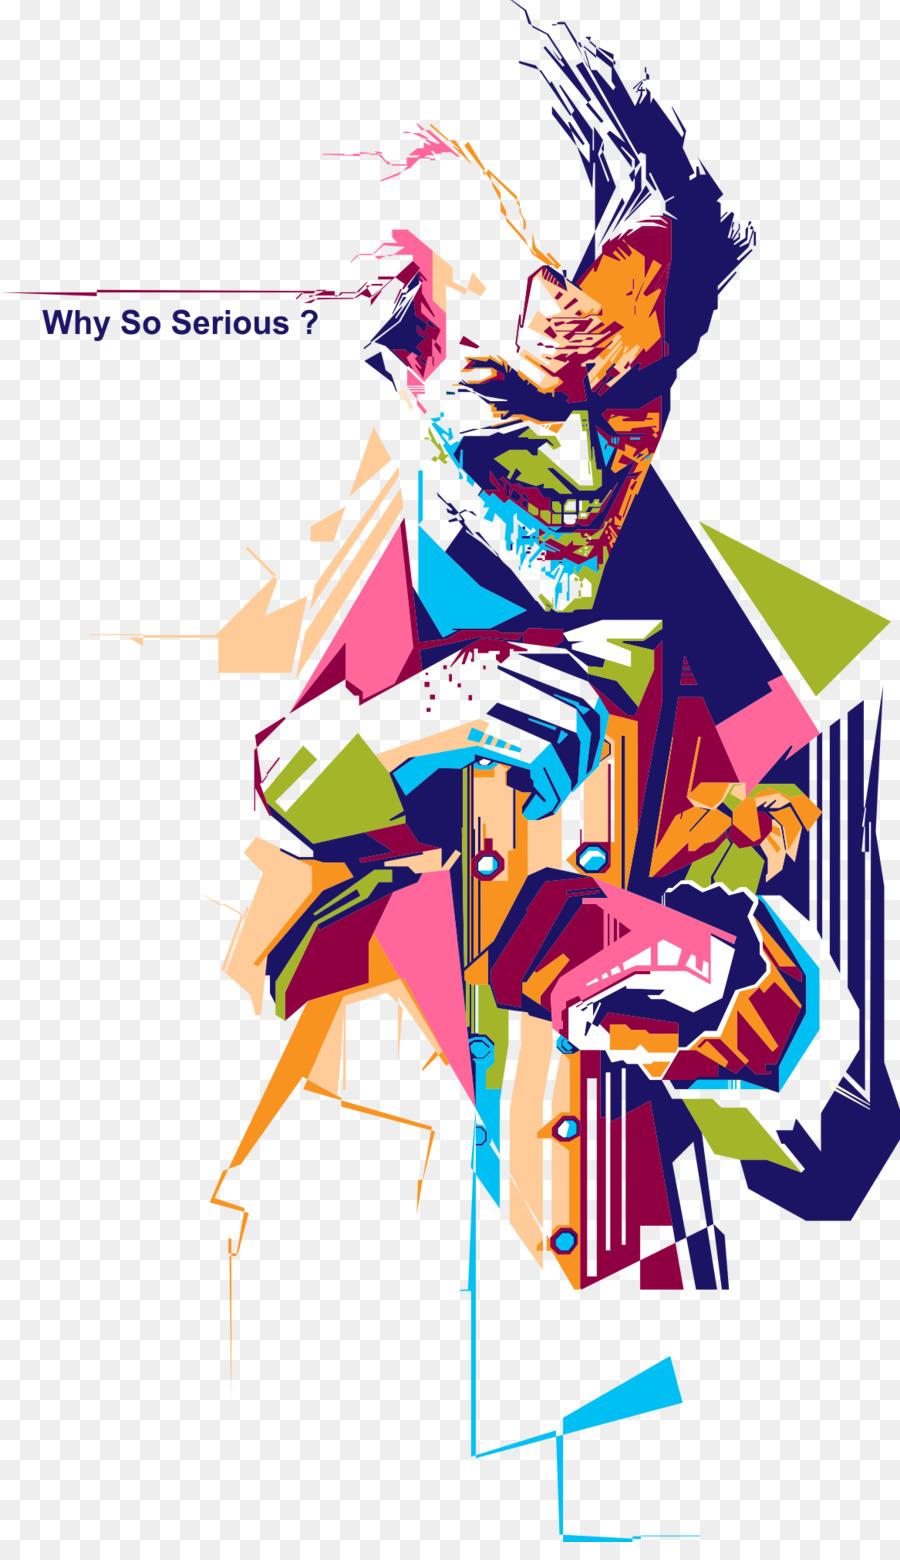 Joker Iphone X Galaxy Nexus Iphone 6 Plus Smartphone Joker Png